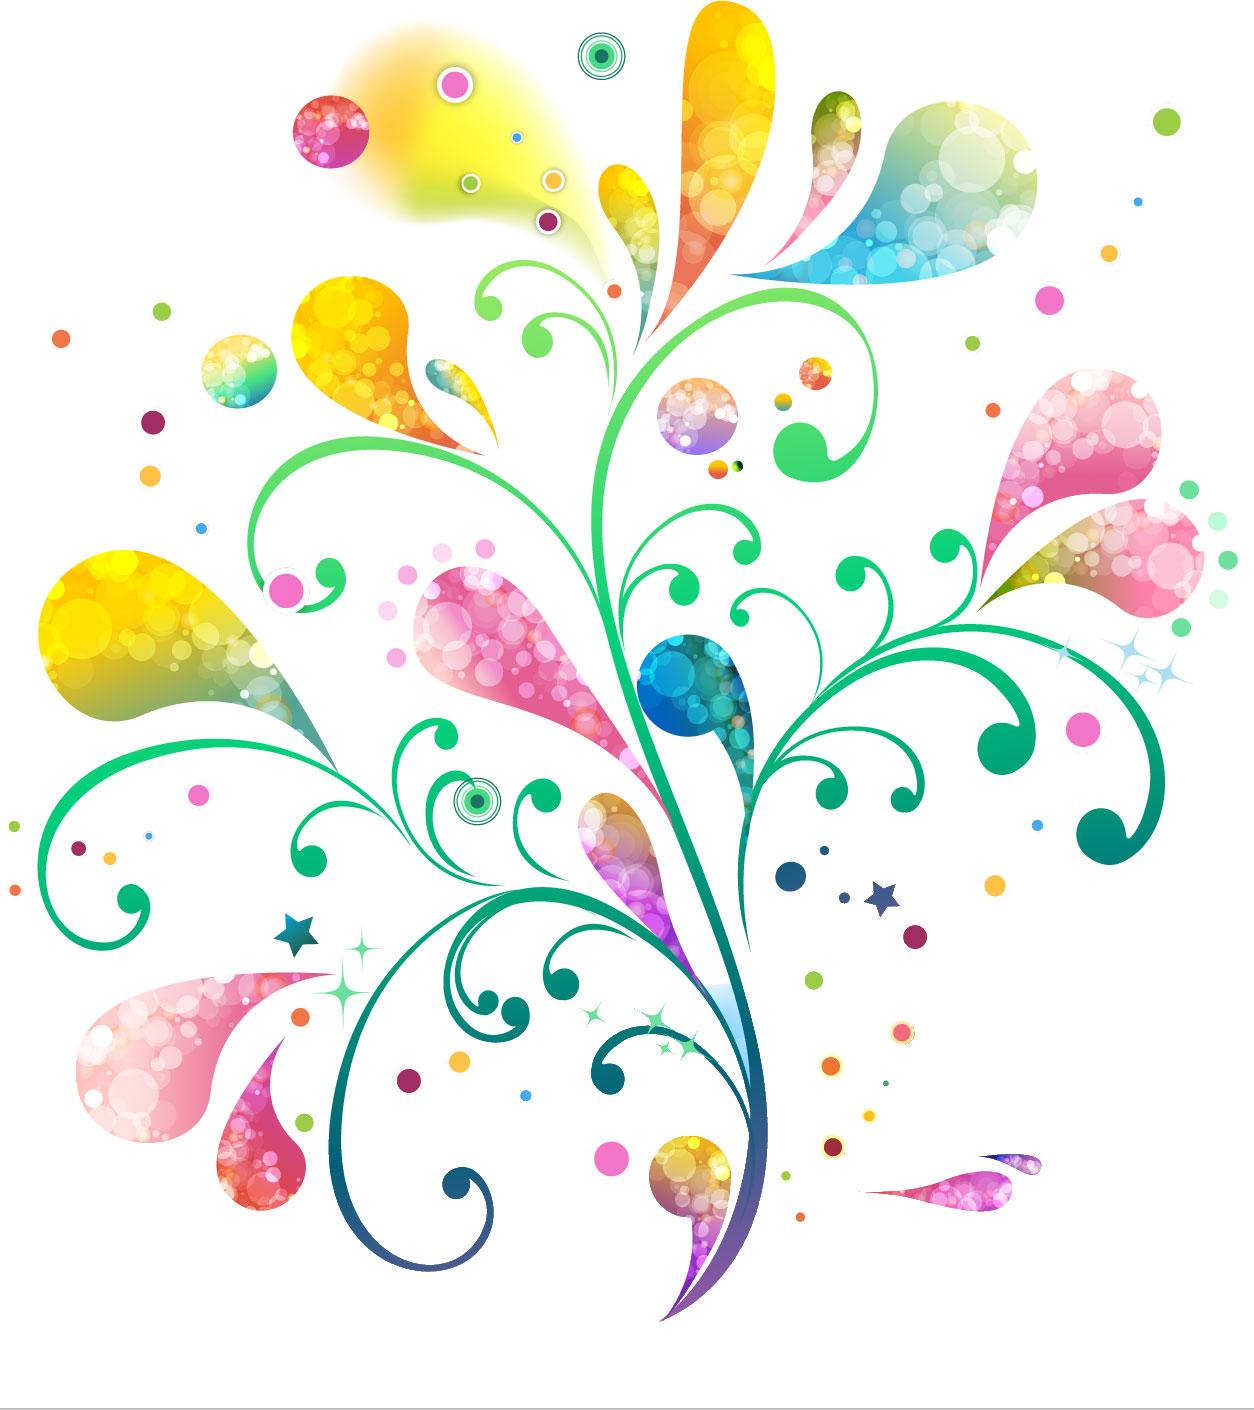 ポップでかわいい花のイラストフリー素材no126虹色グラデーション